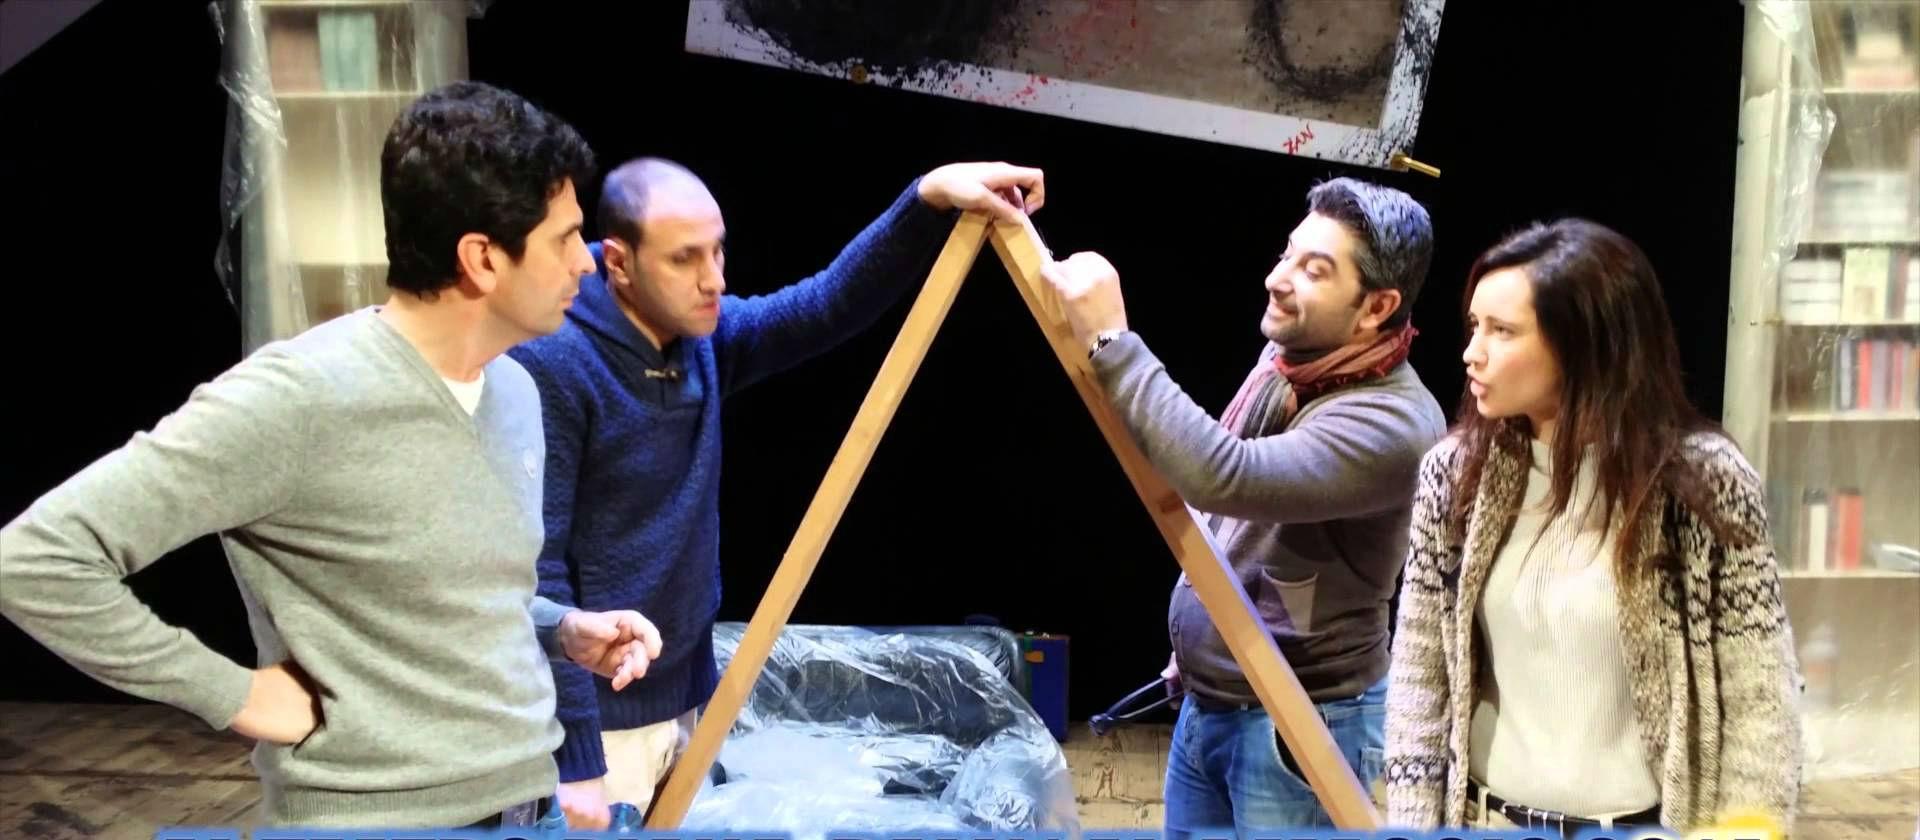 Teatro diana lavori in casa la voce del quartiere - Lavori in casa prima del rogito ...